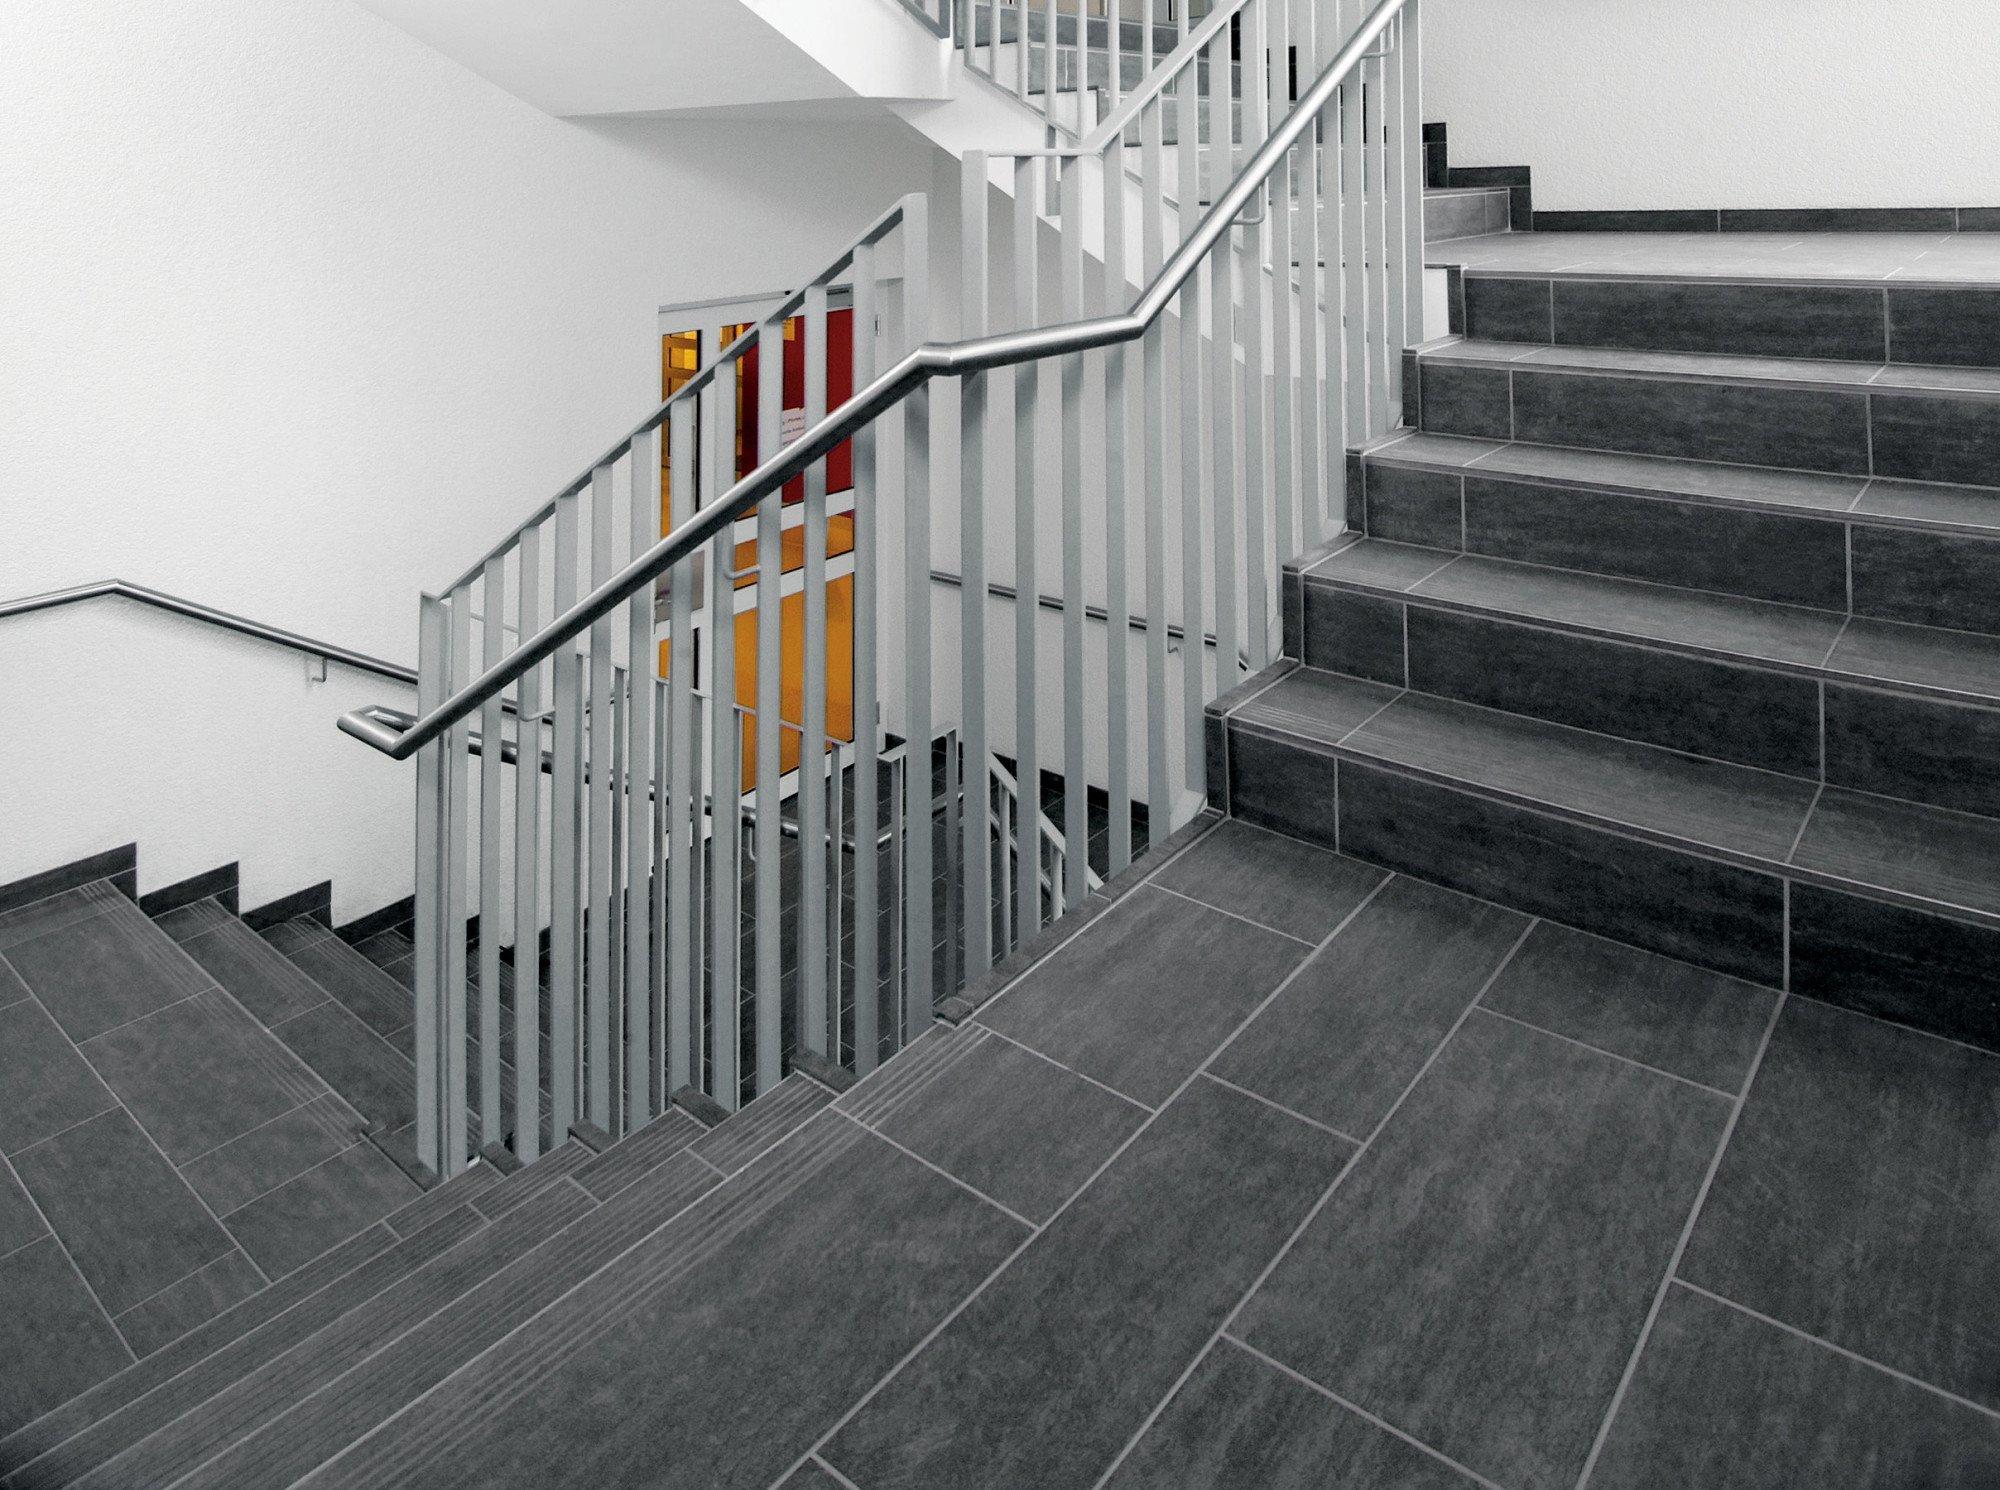 treppen fliesen und platten einsatzbereiche baunetz wissen. Black Bedroom Furniture Sets. Home Design Ideas